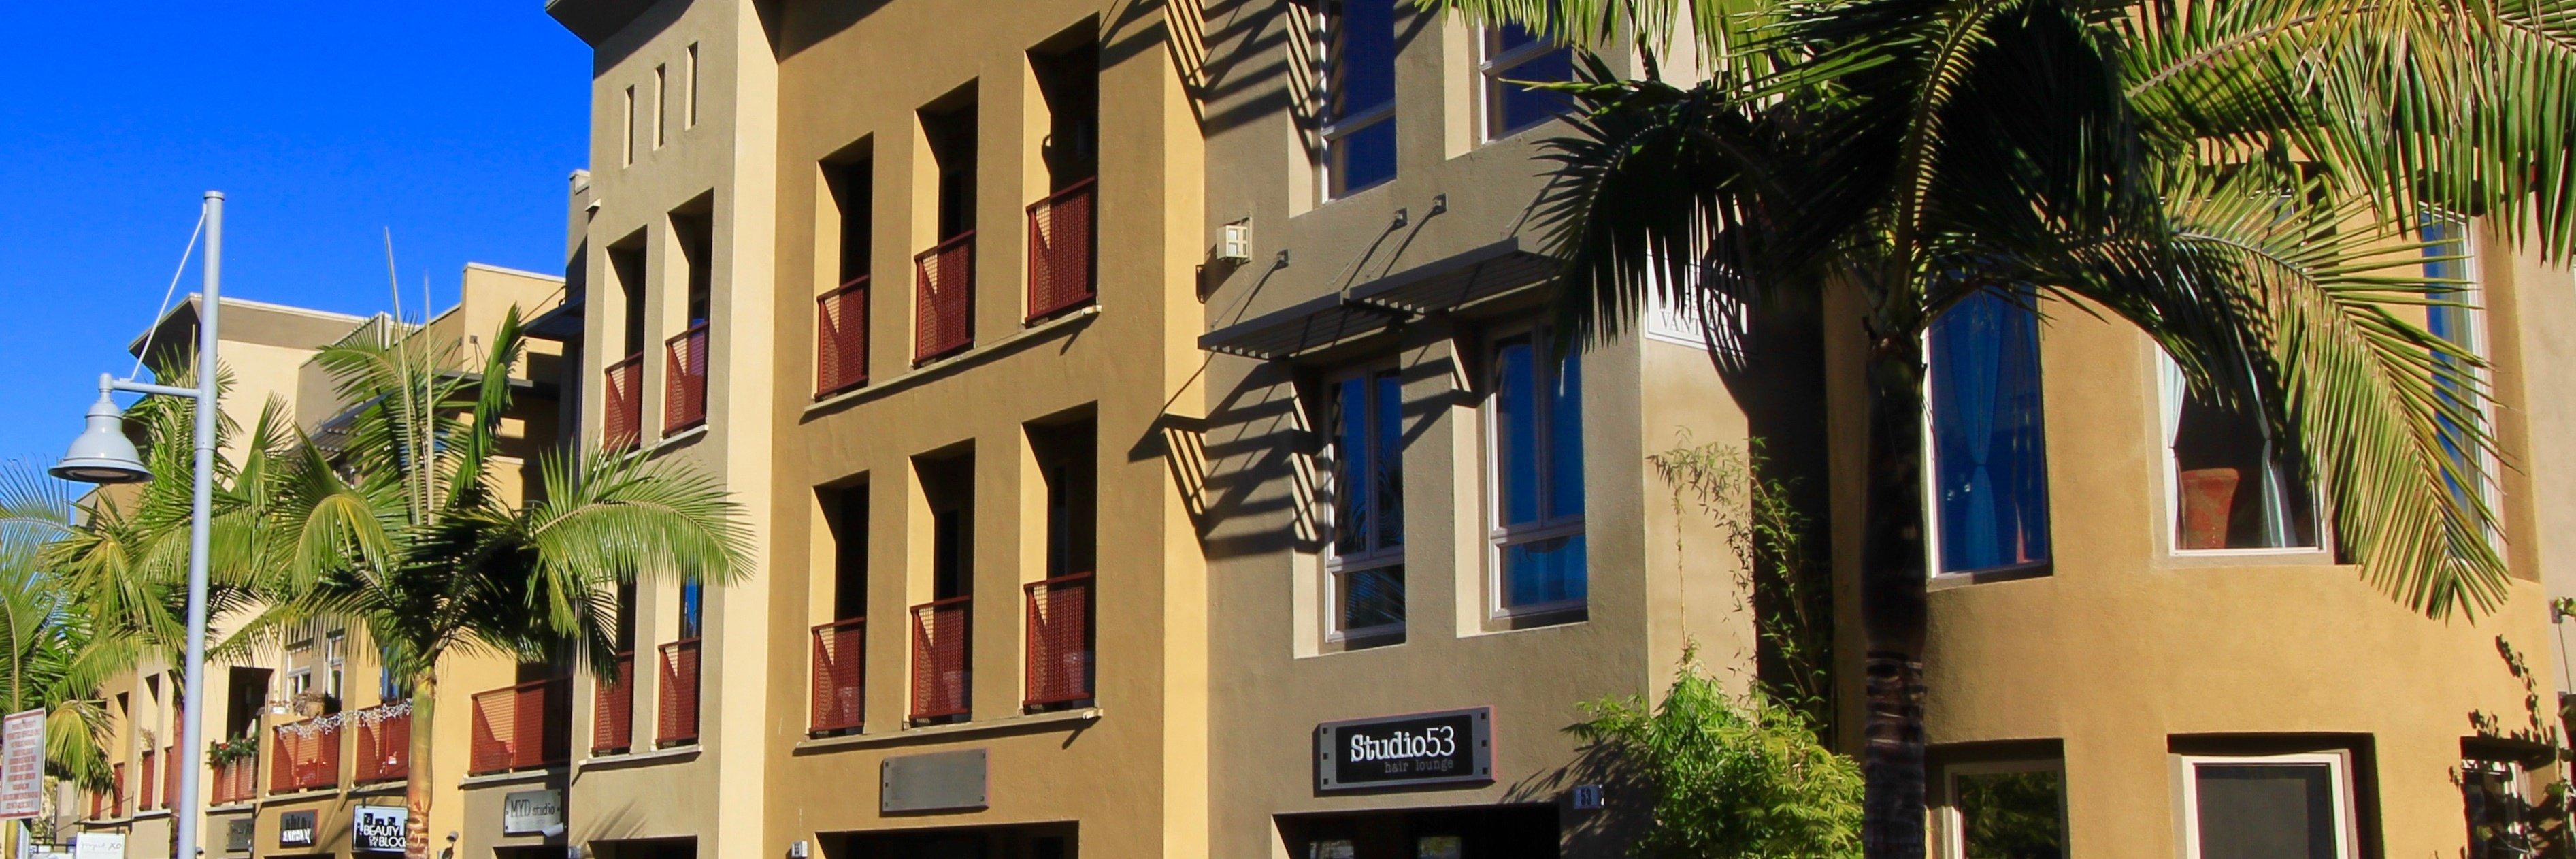 Latitudes Community Marquee in Aliso Viejo Ca